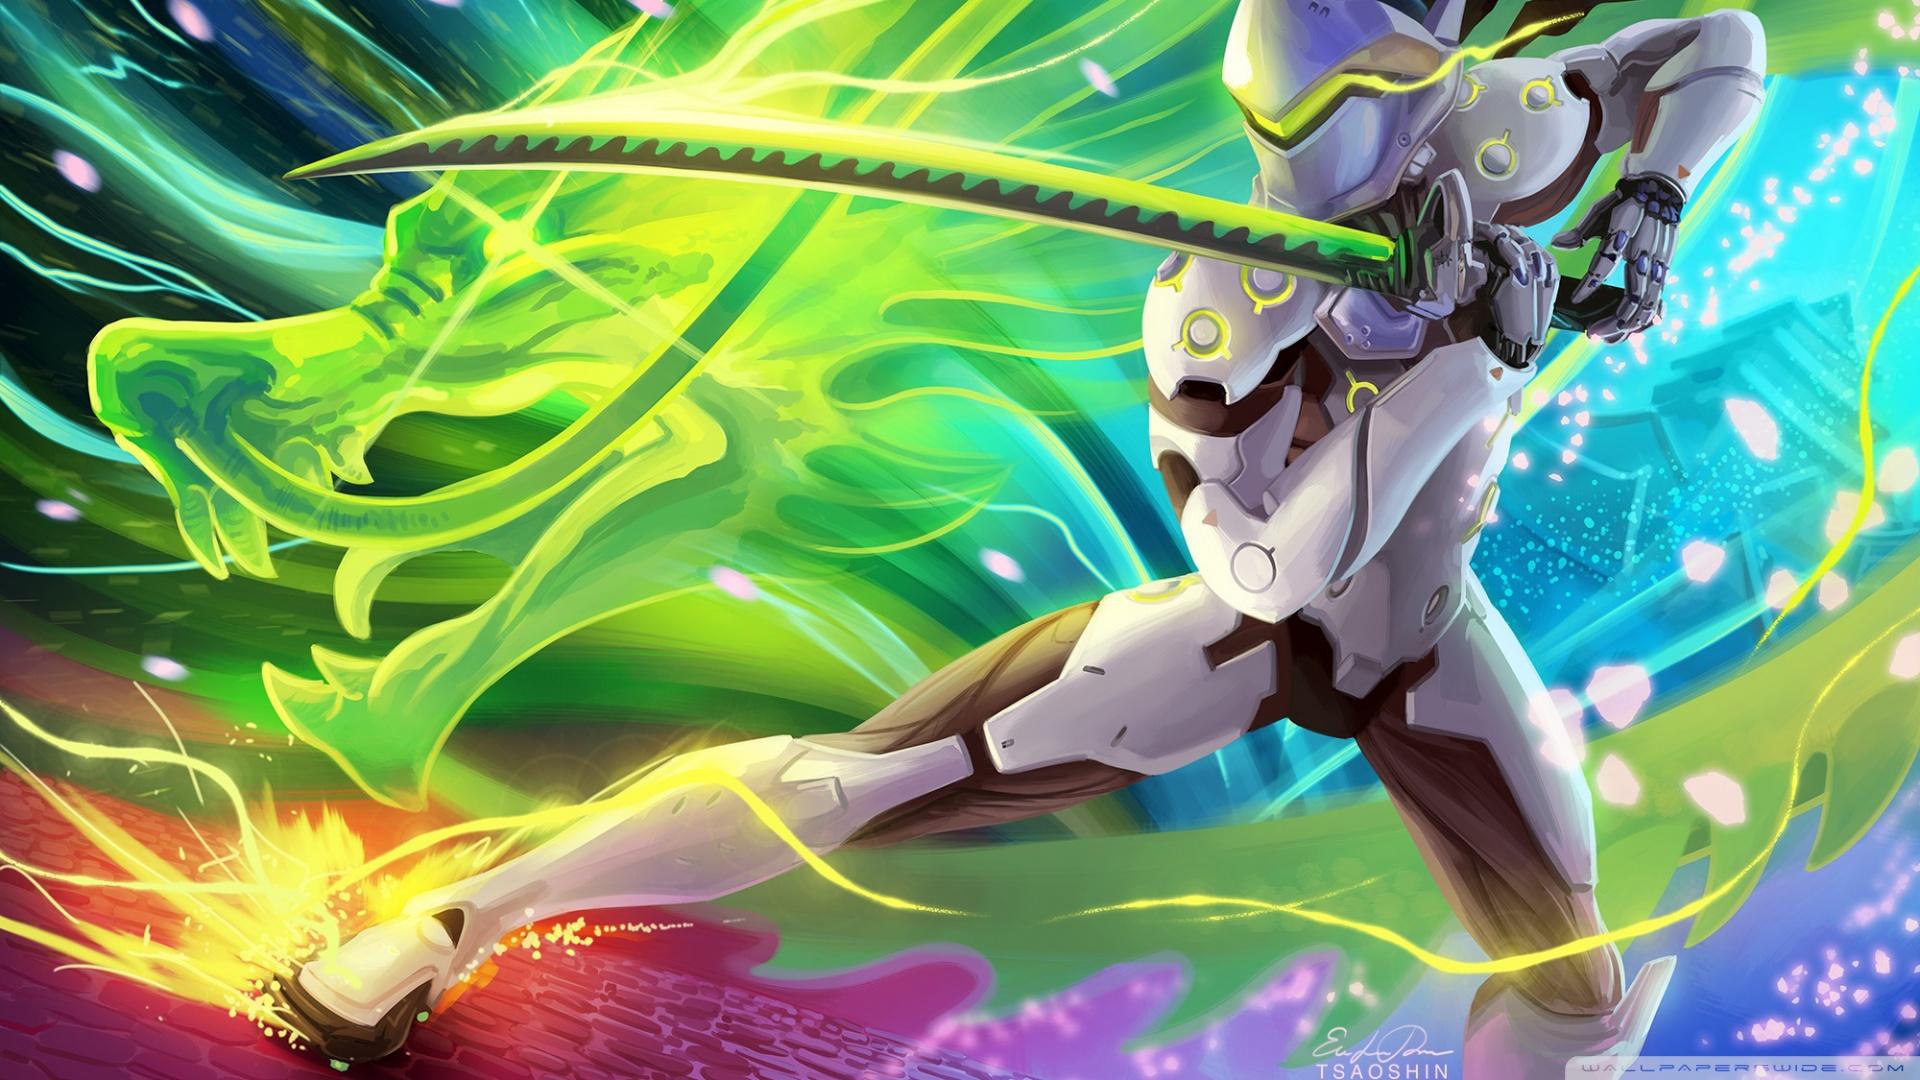 Overwatch Genji 2263302 Hd Wallpaper Backgrounds Download